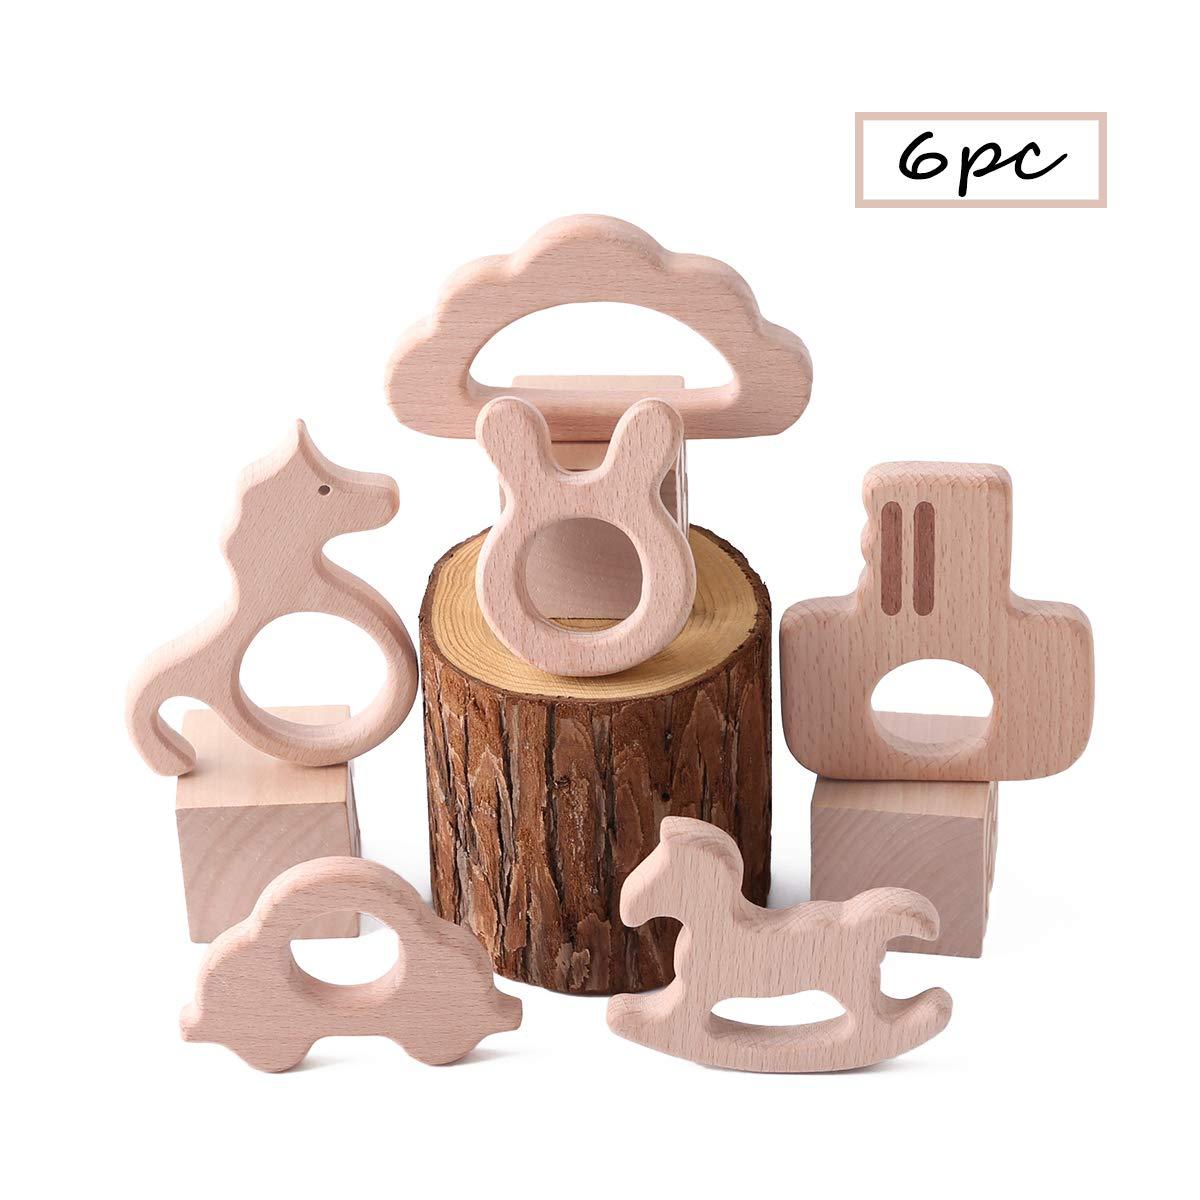 Best for baby 6pc Baby Teether Spielzeug DIY Anh/änger H/ölzern Igel Vogel Fisch Kaninchenkopf Eule Kleine Kamera Umweltfreundlich Buche Produkt